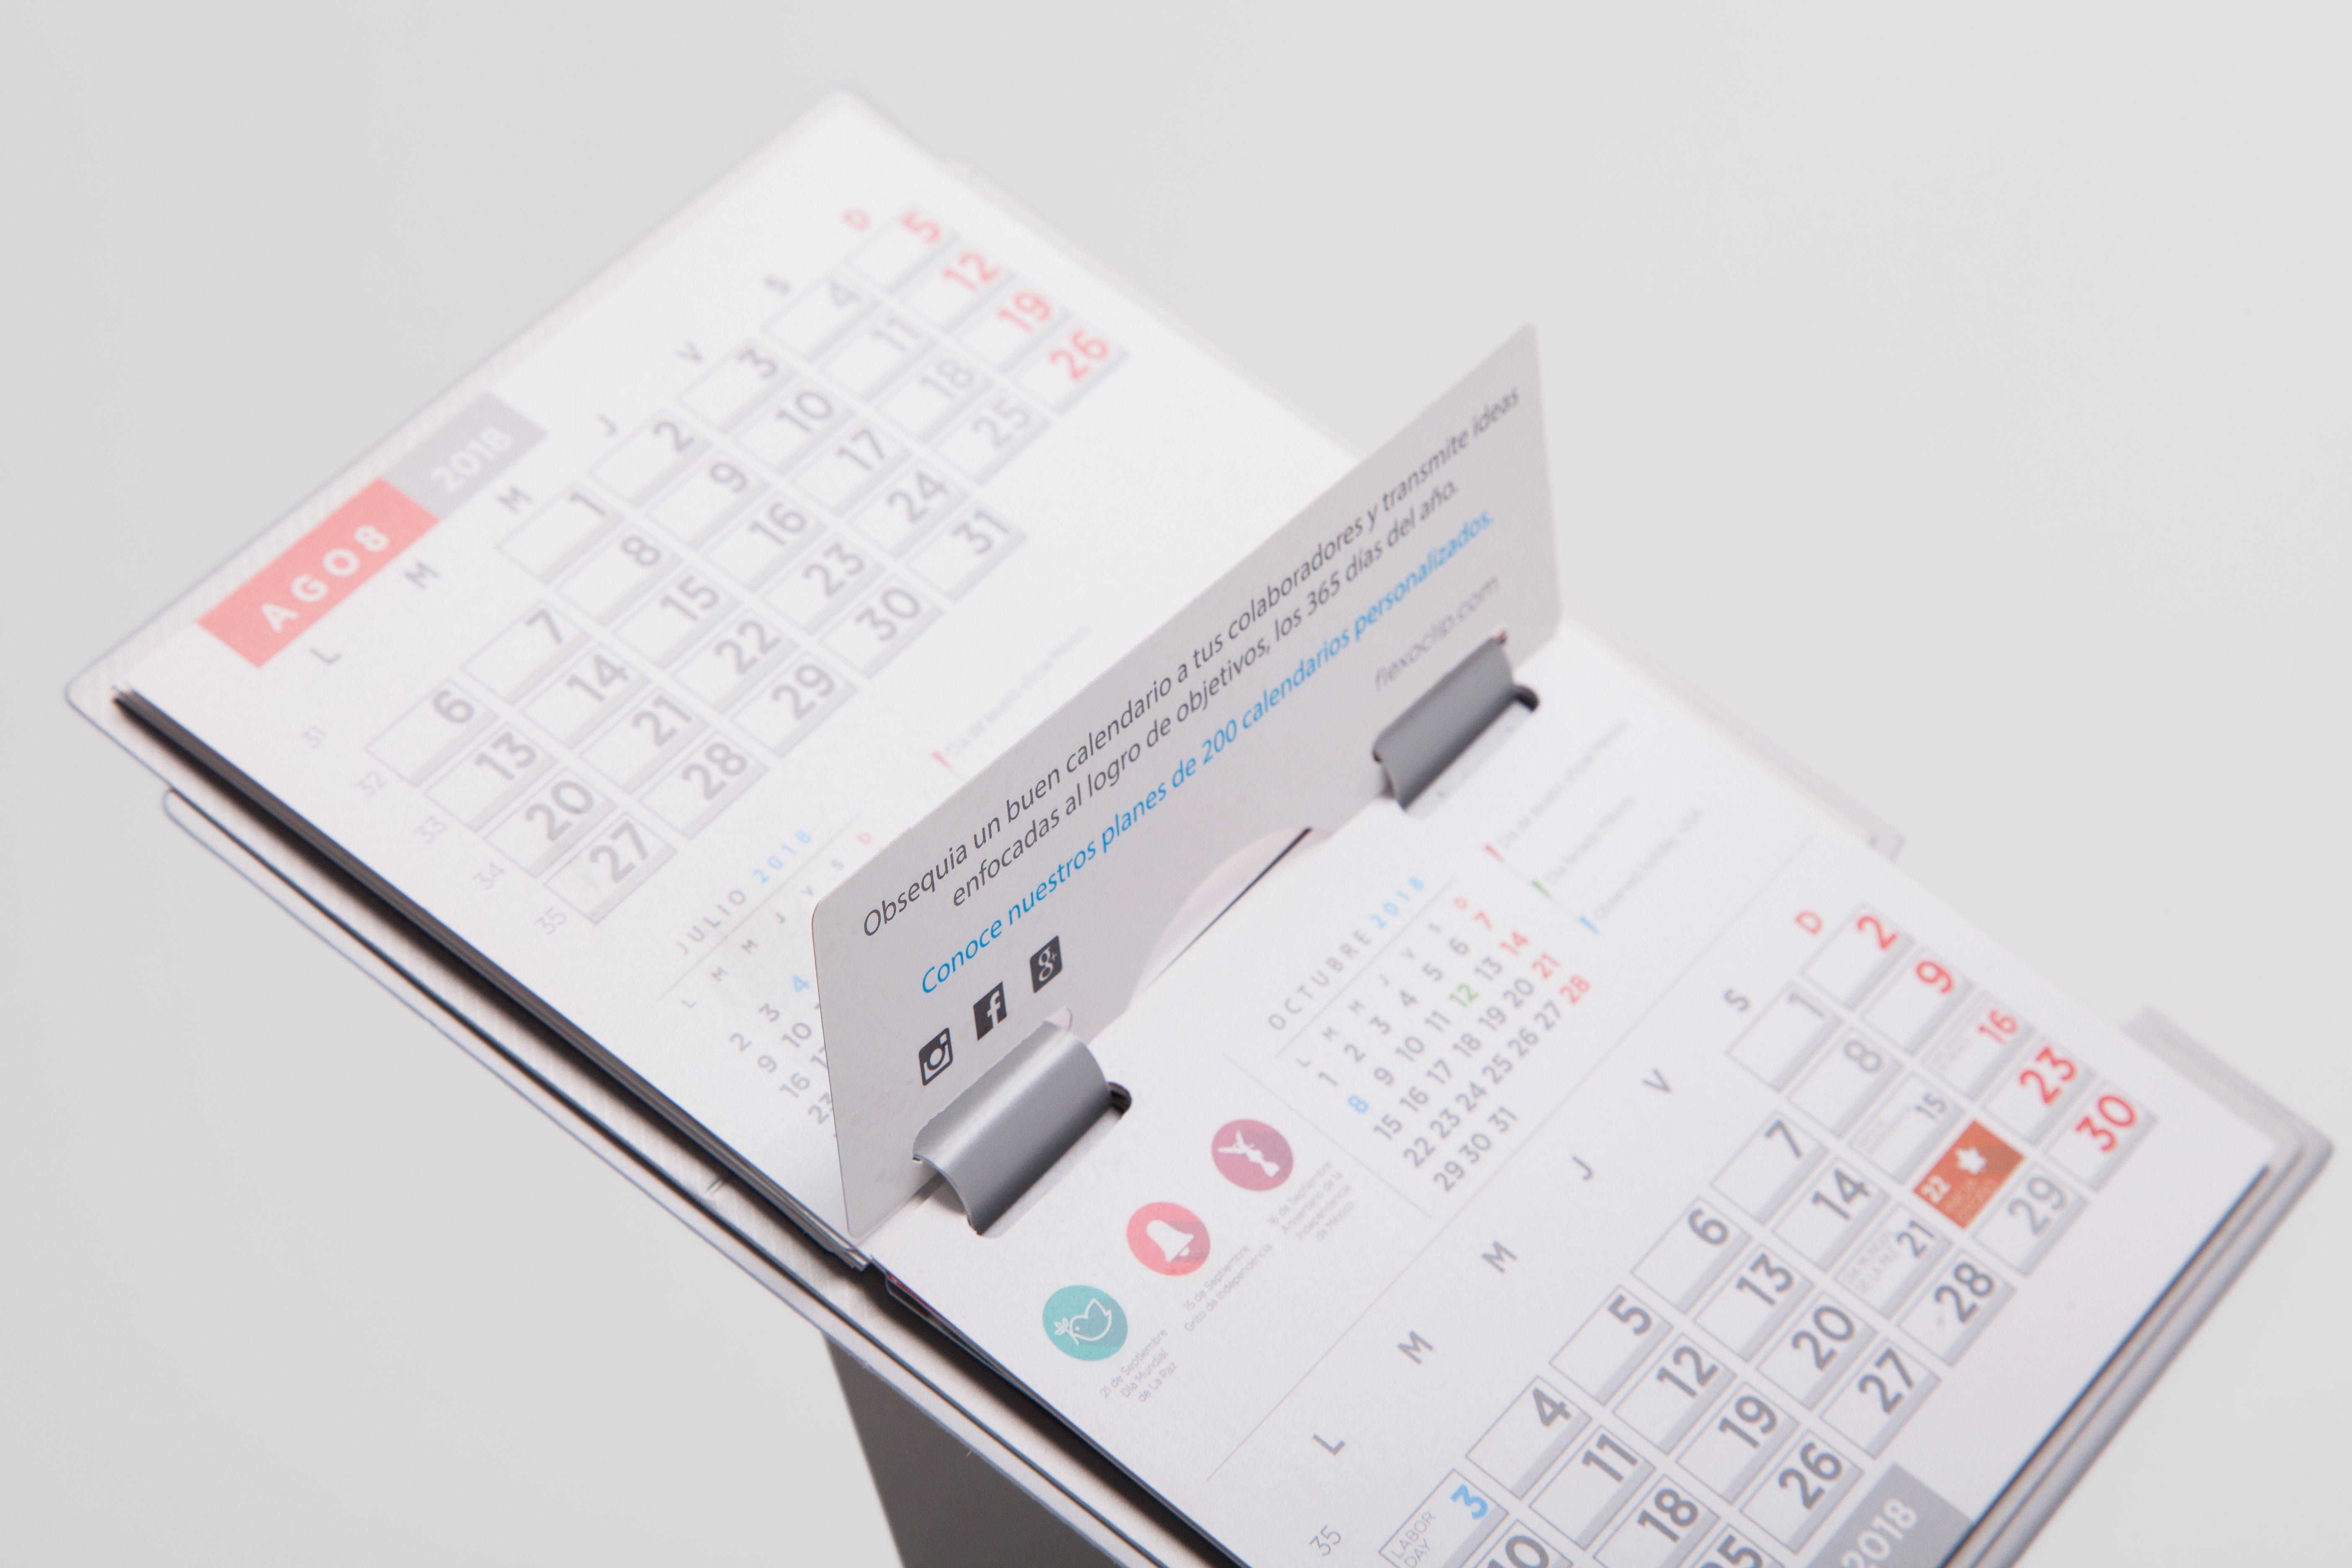 Calendario 4 Meses 2019 Más Recientes Flexoclip Desk Calendar Of Calendario 4 Meses 2019 Mejores Y Más Novedosos Este Es Realmente Calendario 2019 Feriados